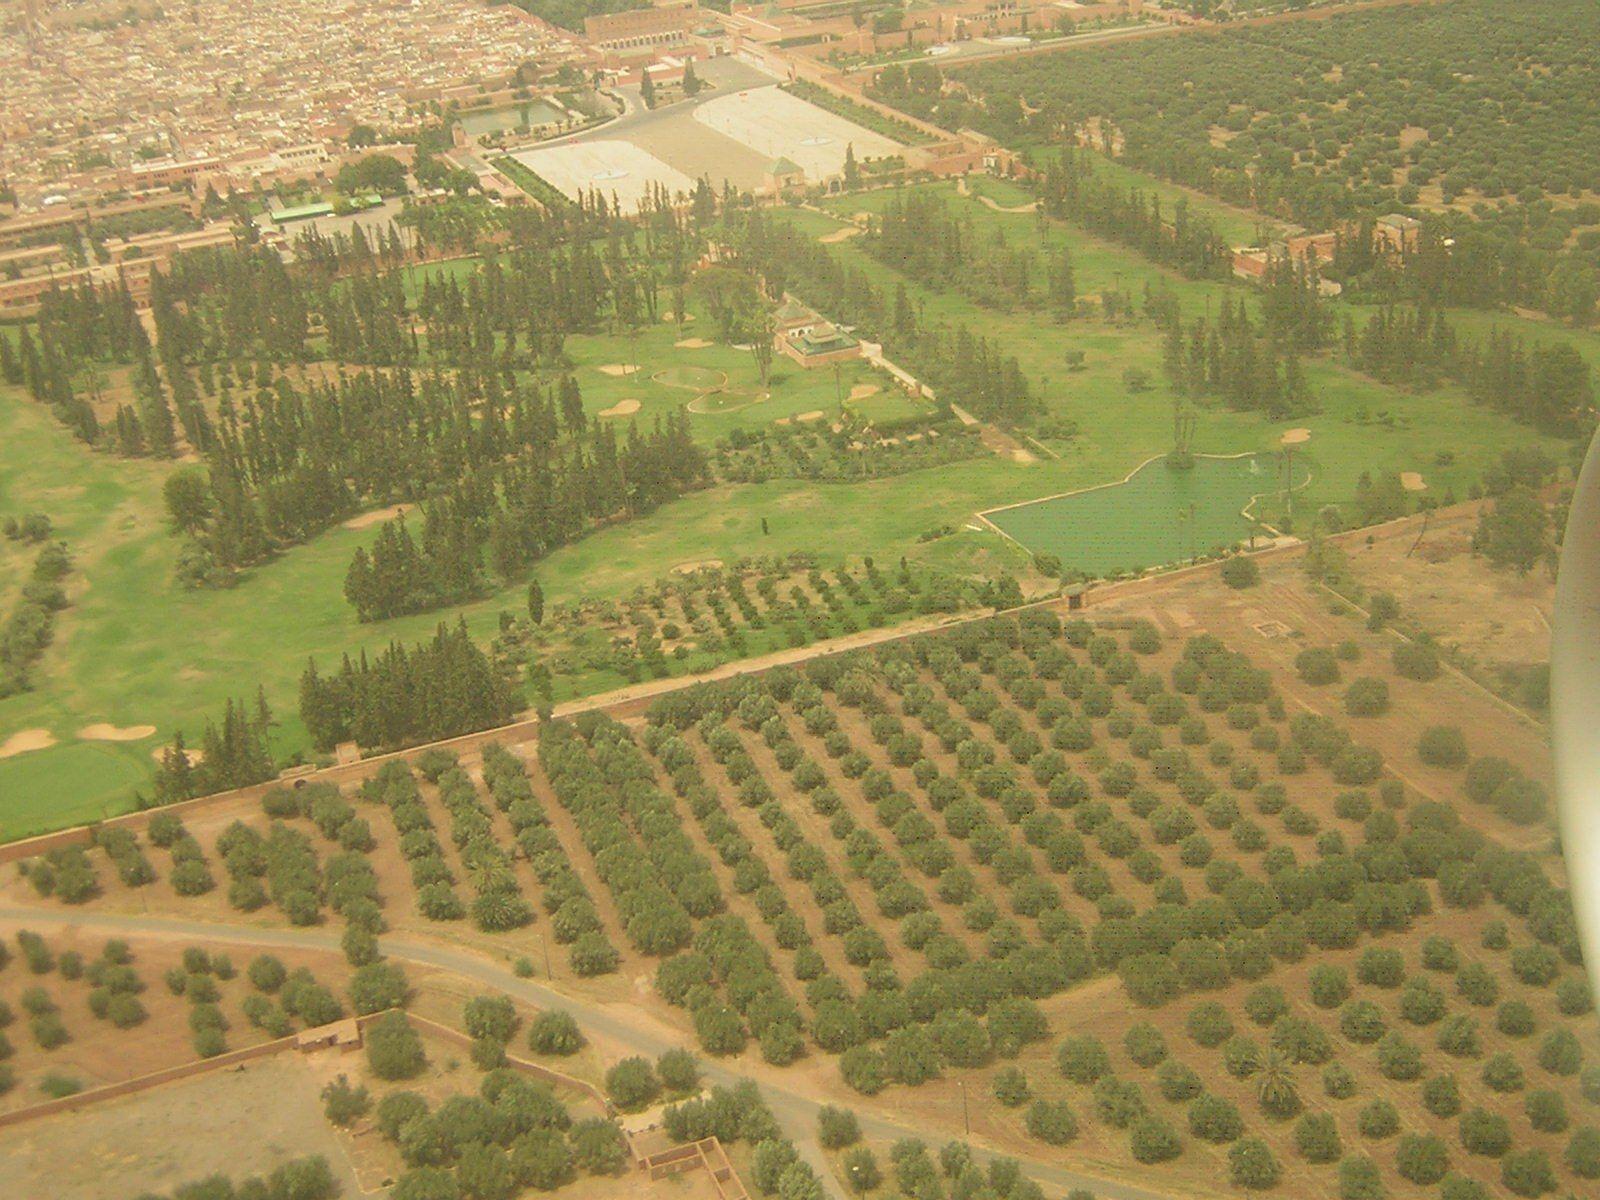 Agdal Garten Von Marrakesch Wikipedia Durchgehend Agdal Garten Von Marrakesch Von Agdal Garten Von Marrakesch Auf Eine World Heritage Sites Morocco Marrakech